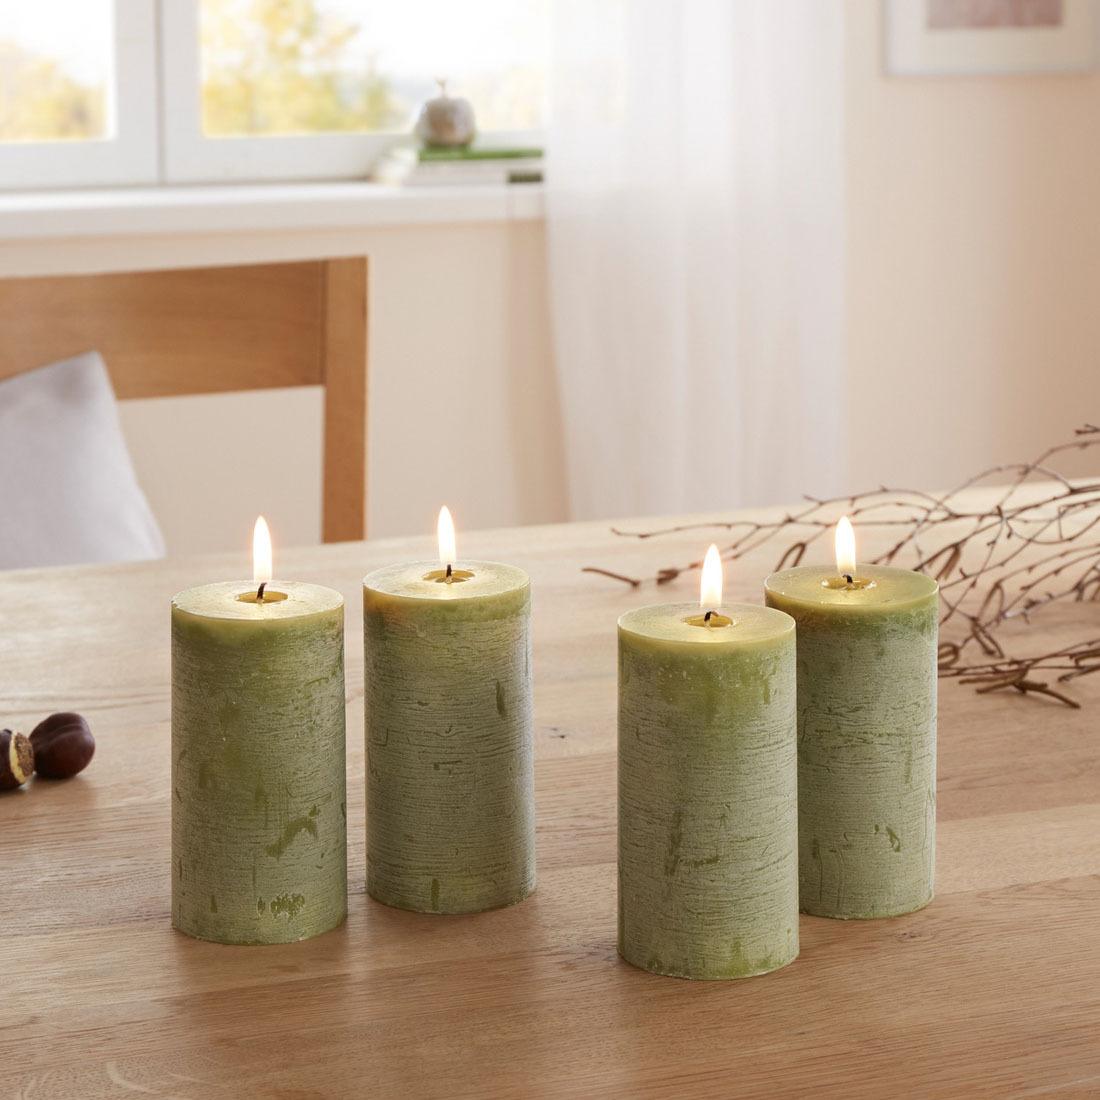 Свечи декоративные Рустикальная зелень, 4 штуки свечи q20tt